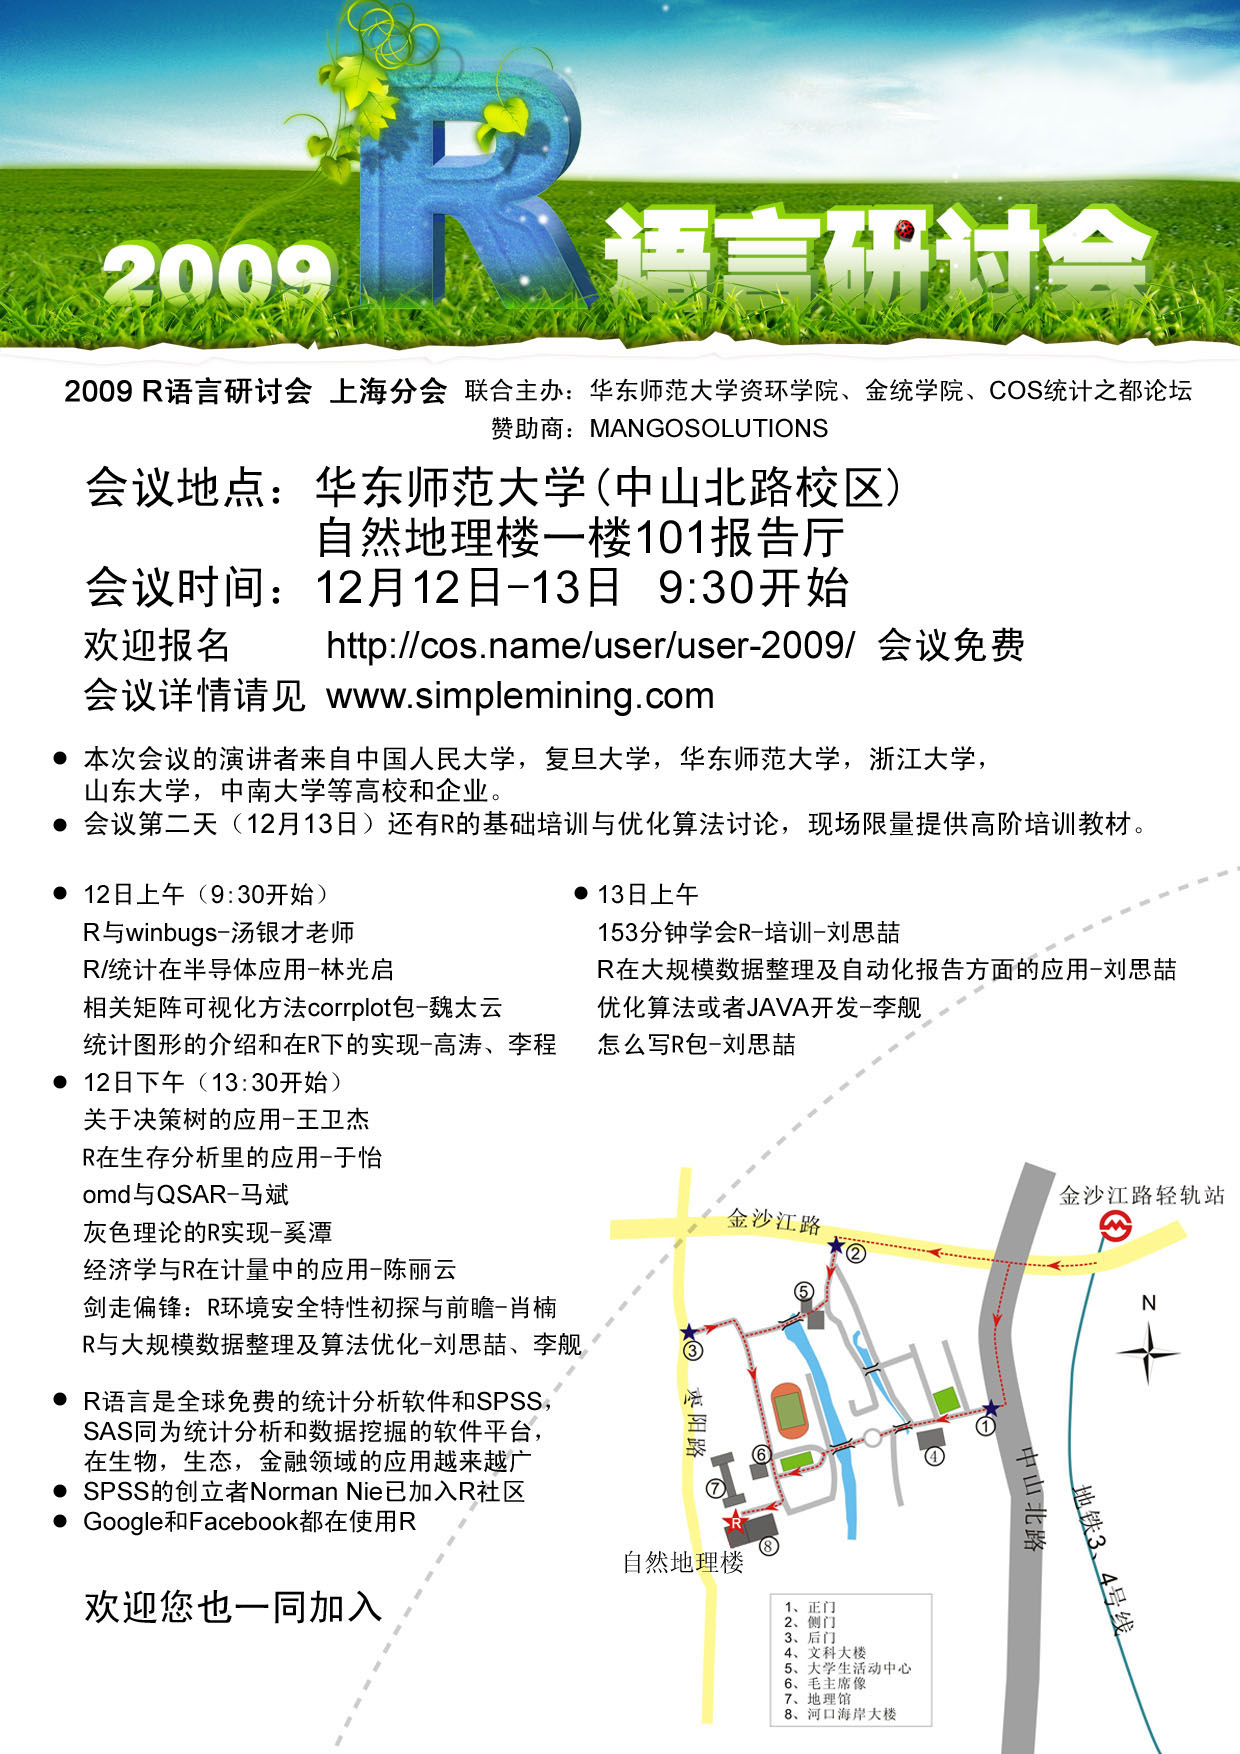 第二届中国 R 语言会议 上海分会场 去logo